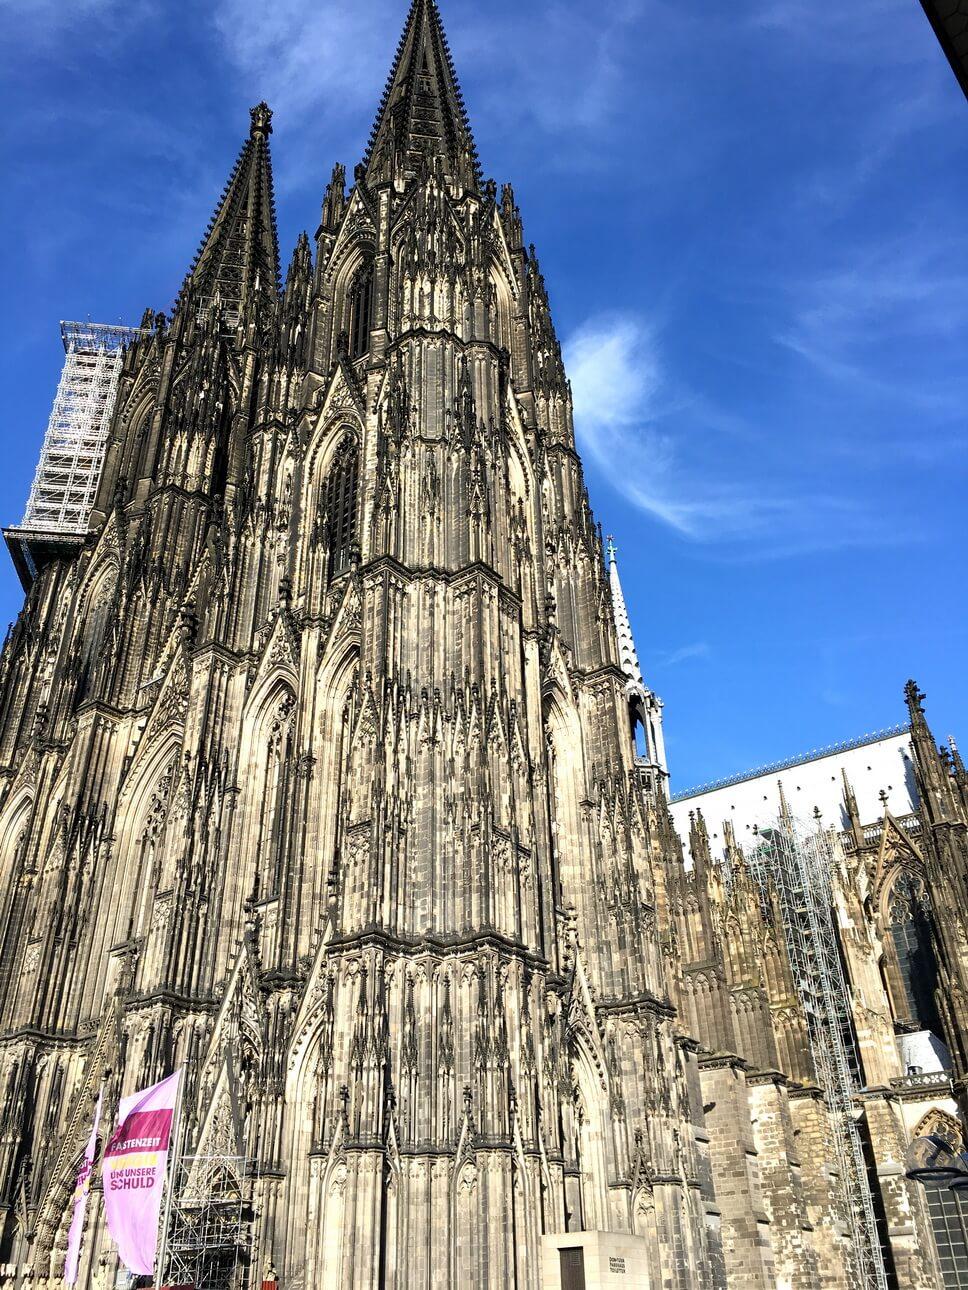 Catedral gótica de Colonia, Alemania. Patrimonio de la Humanidad por la UNESCO